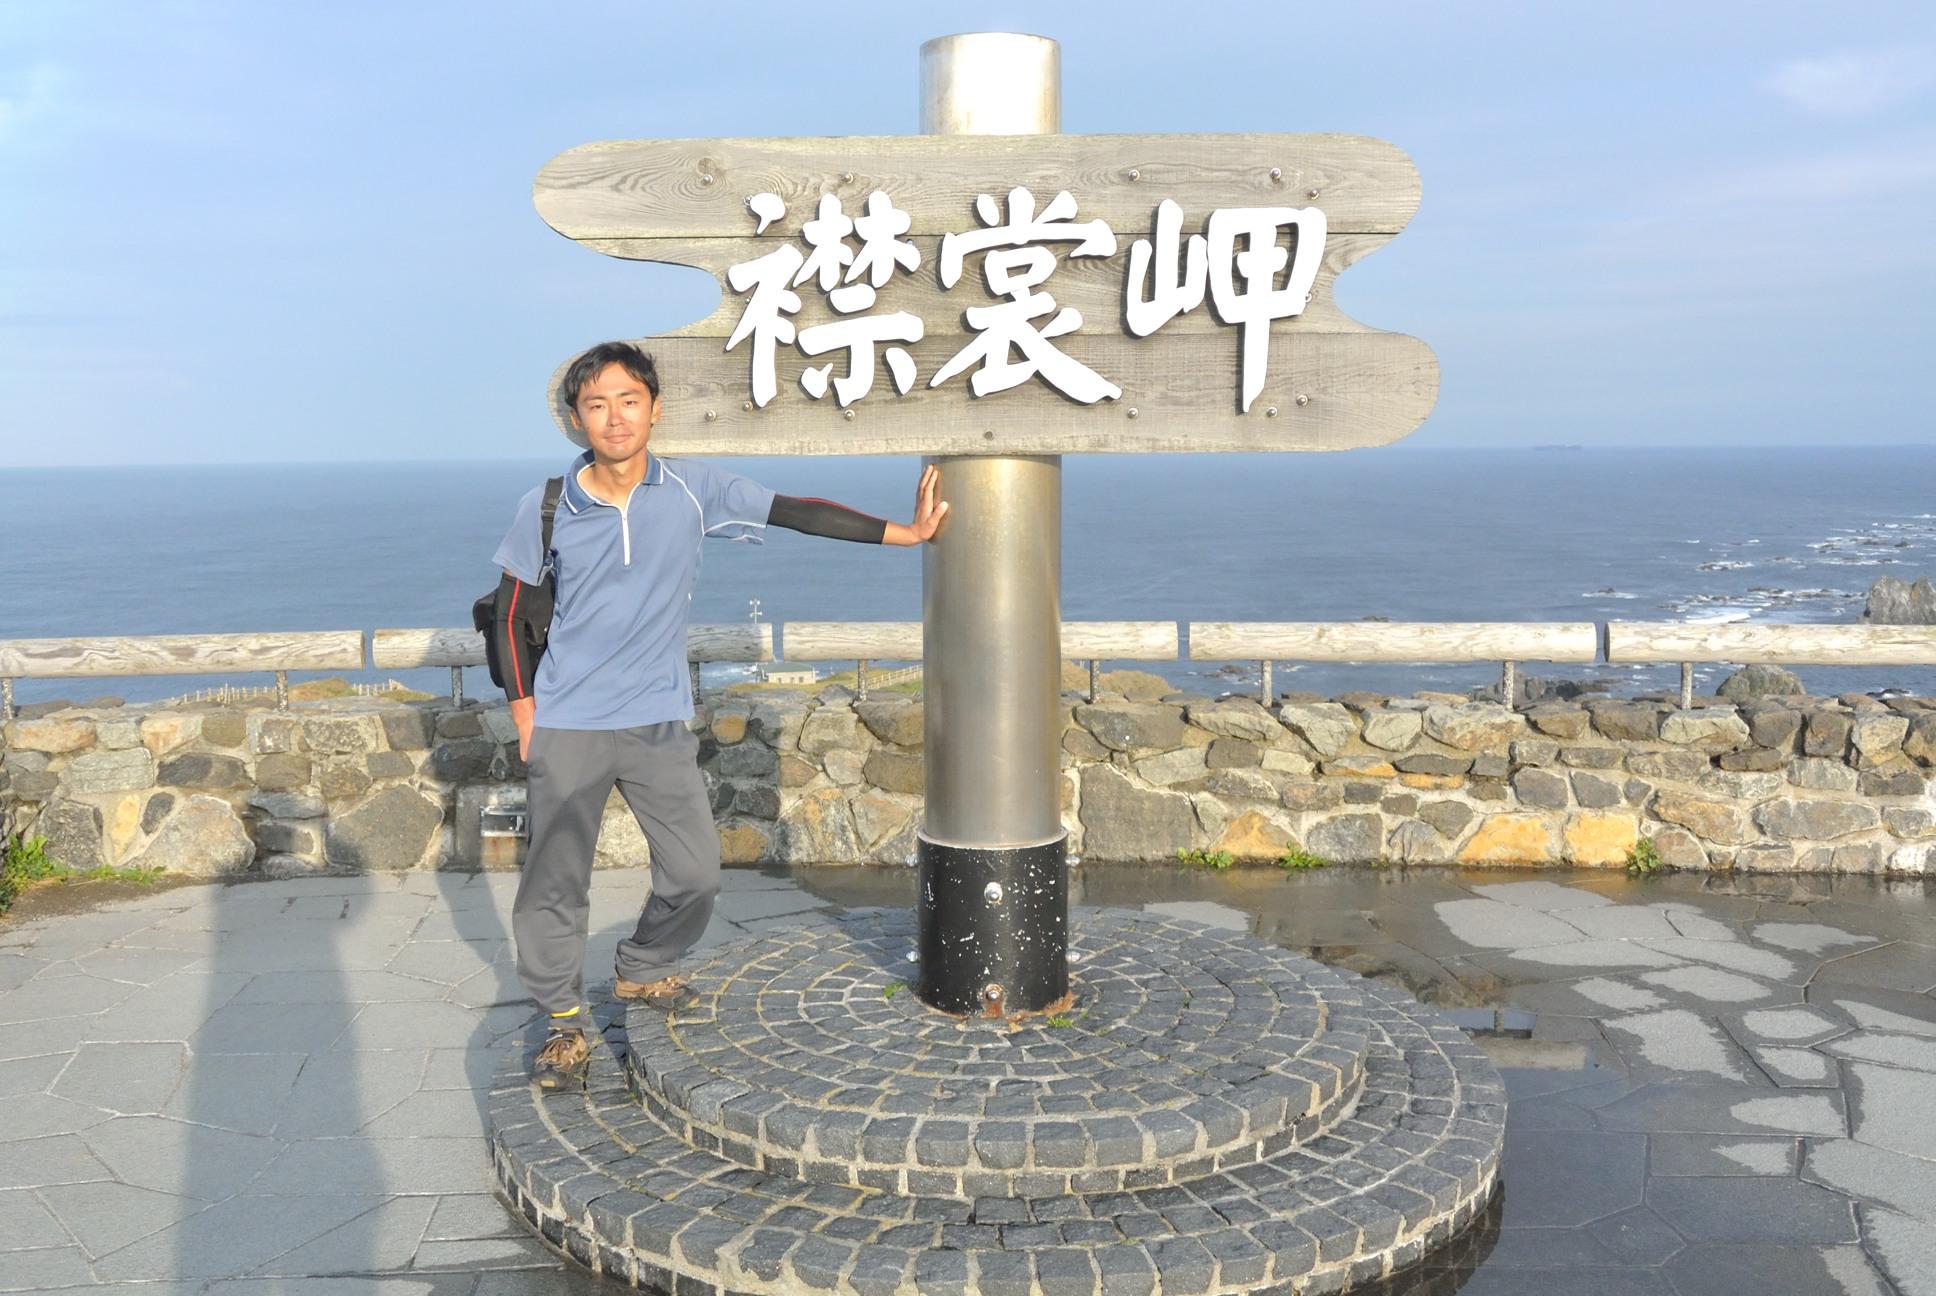 襟裳岬で記念撮影